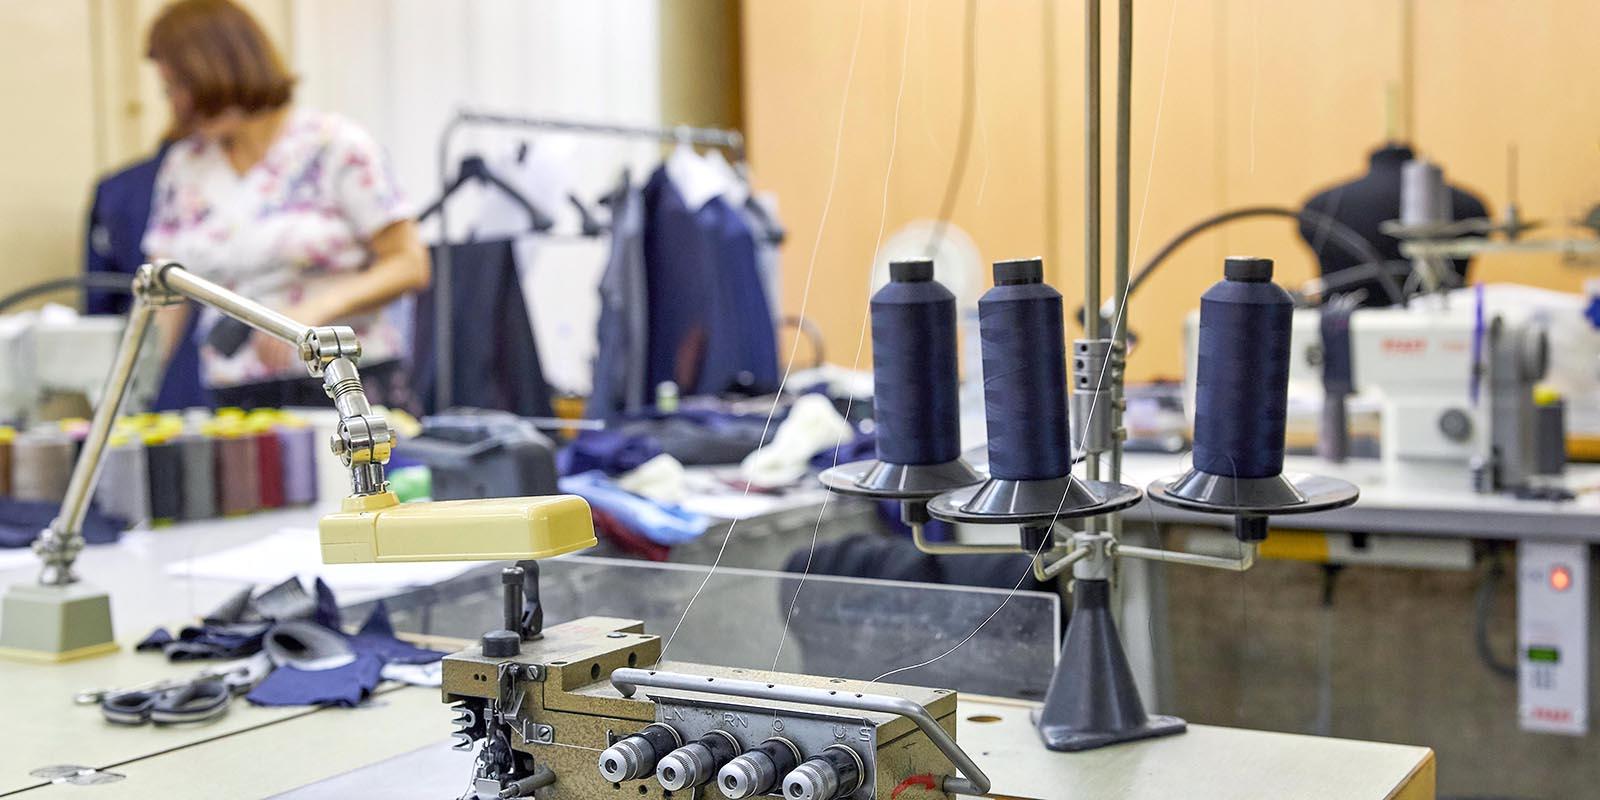 На бирже контрактного производства в Москве зарегистрировано 302 компании легпрома